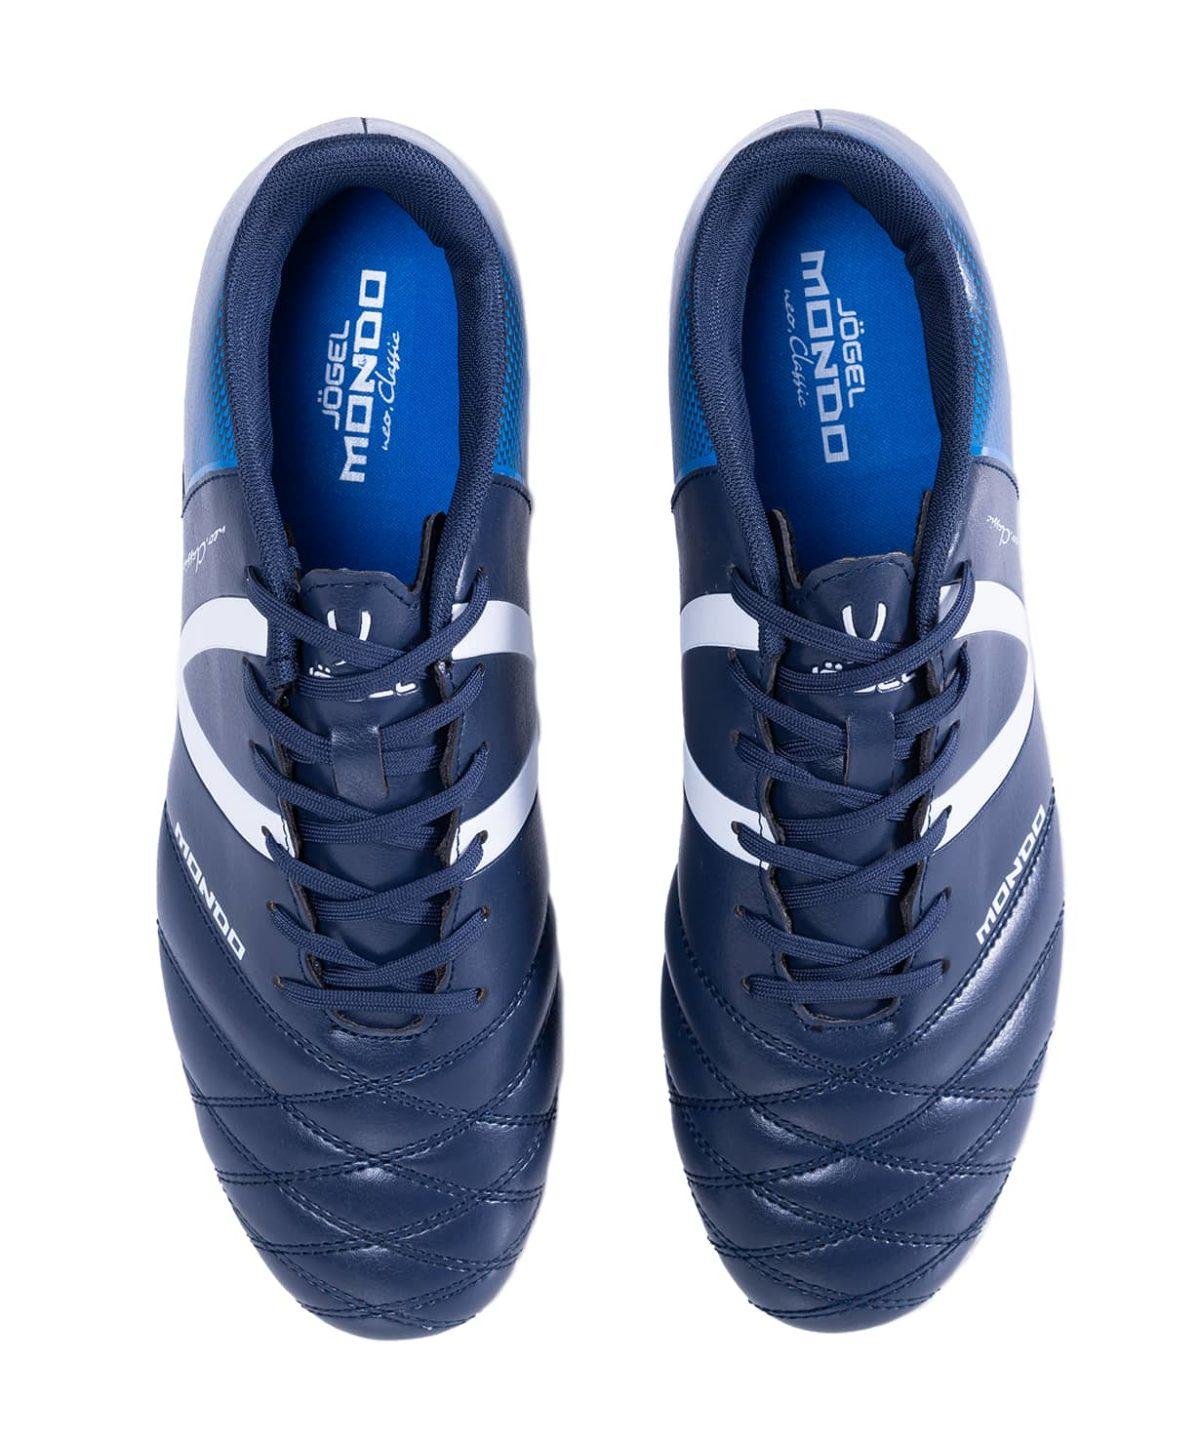 JOGEL Бутсы футбольные Mondo (34-38)  JSH402-Y: темно-синий - 3